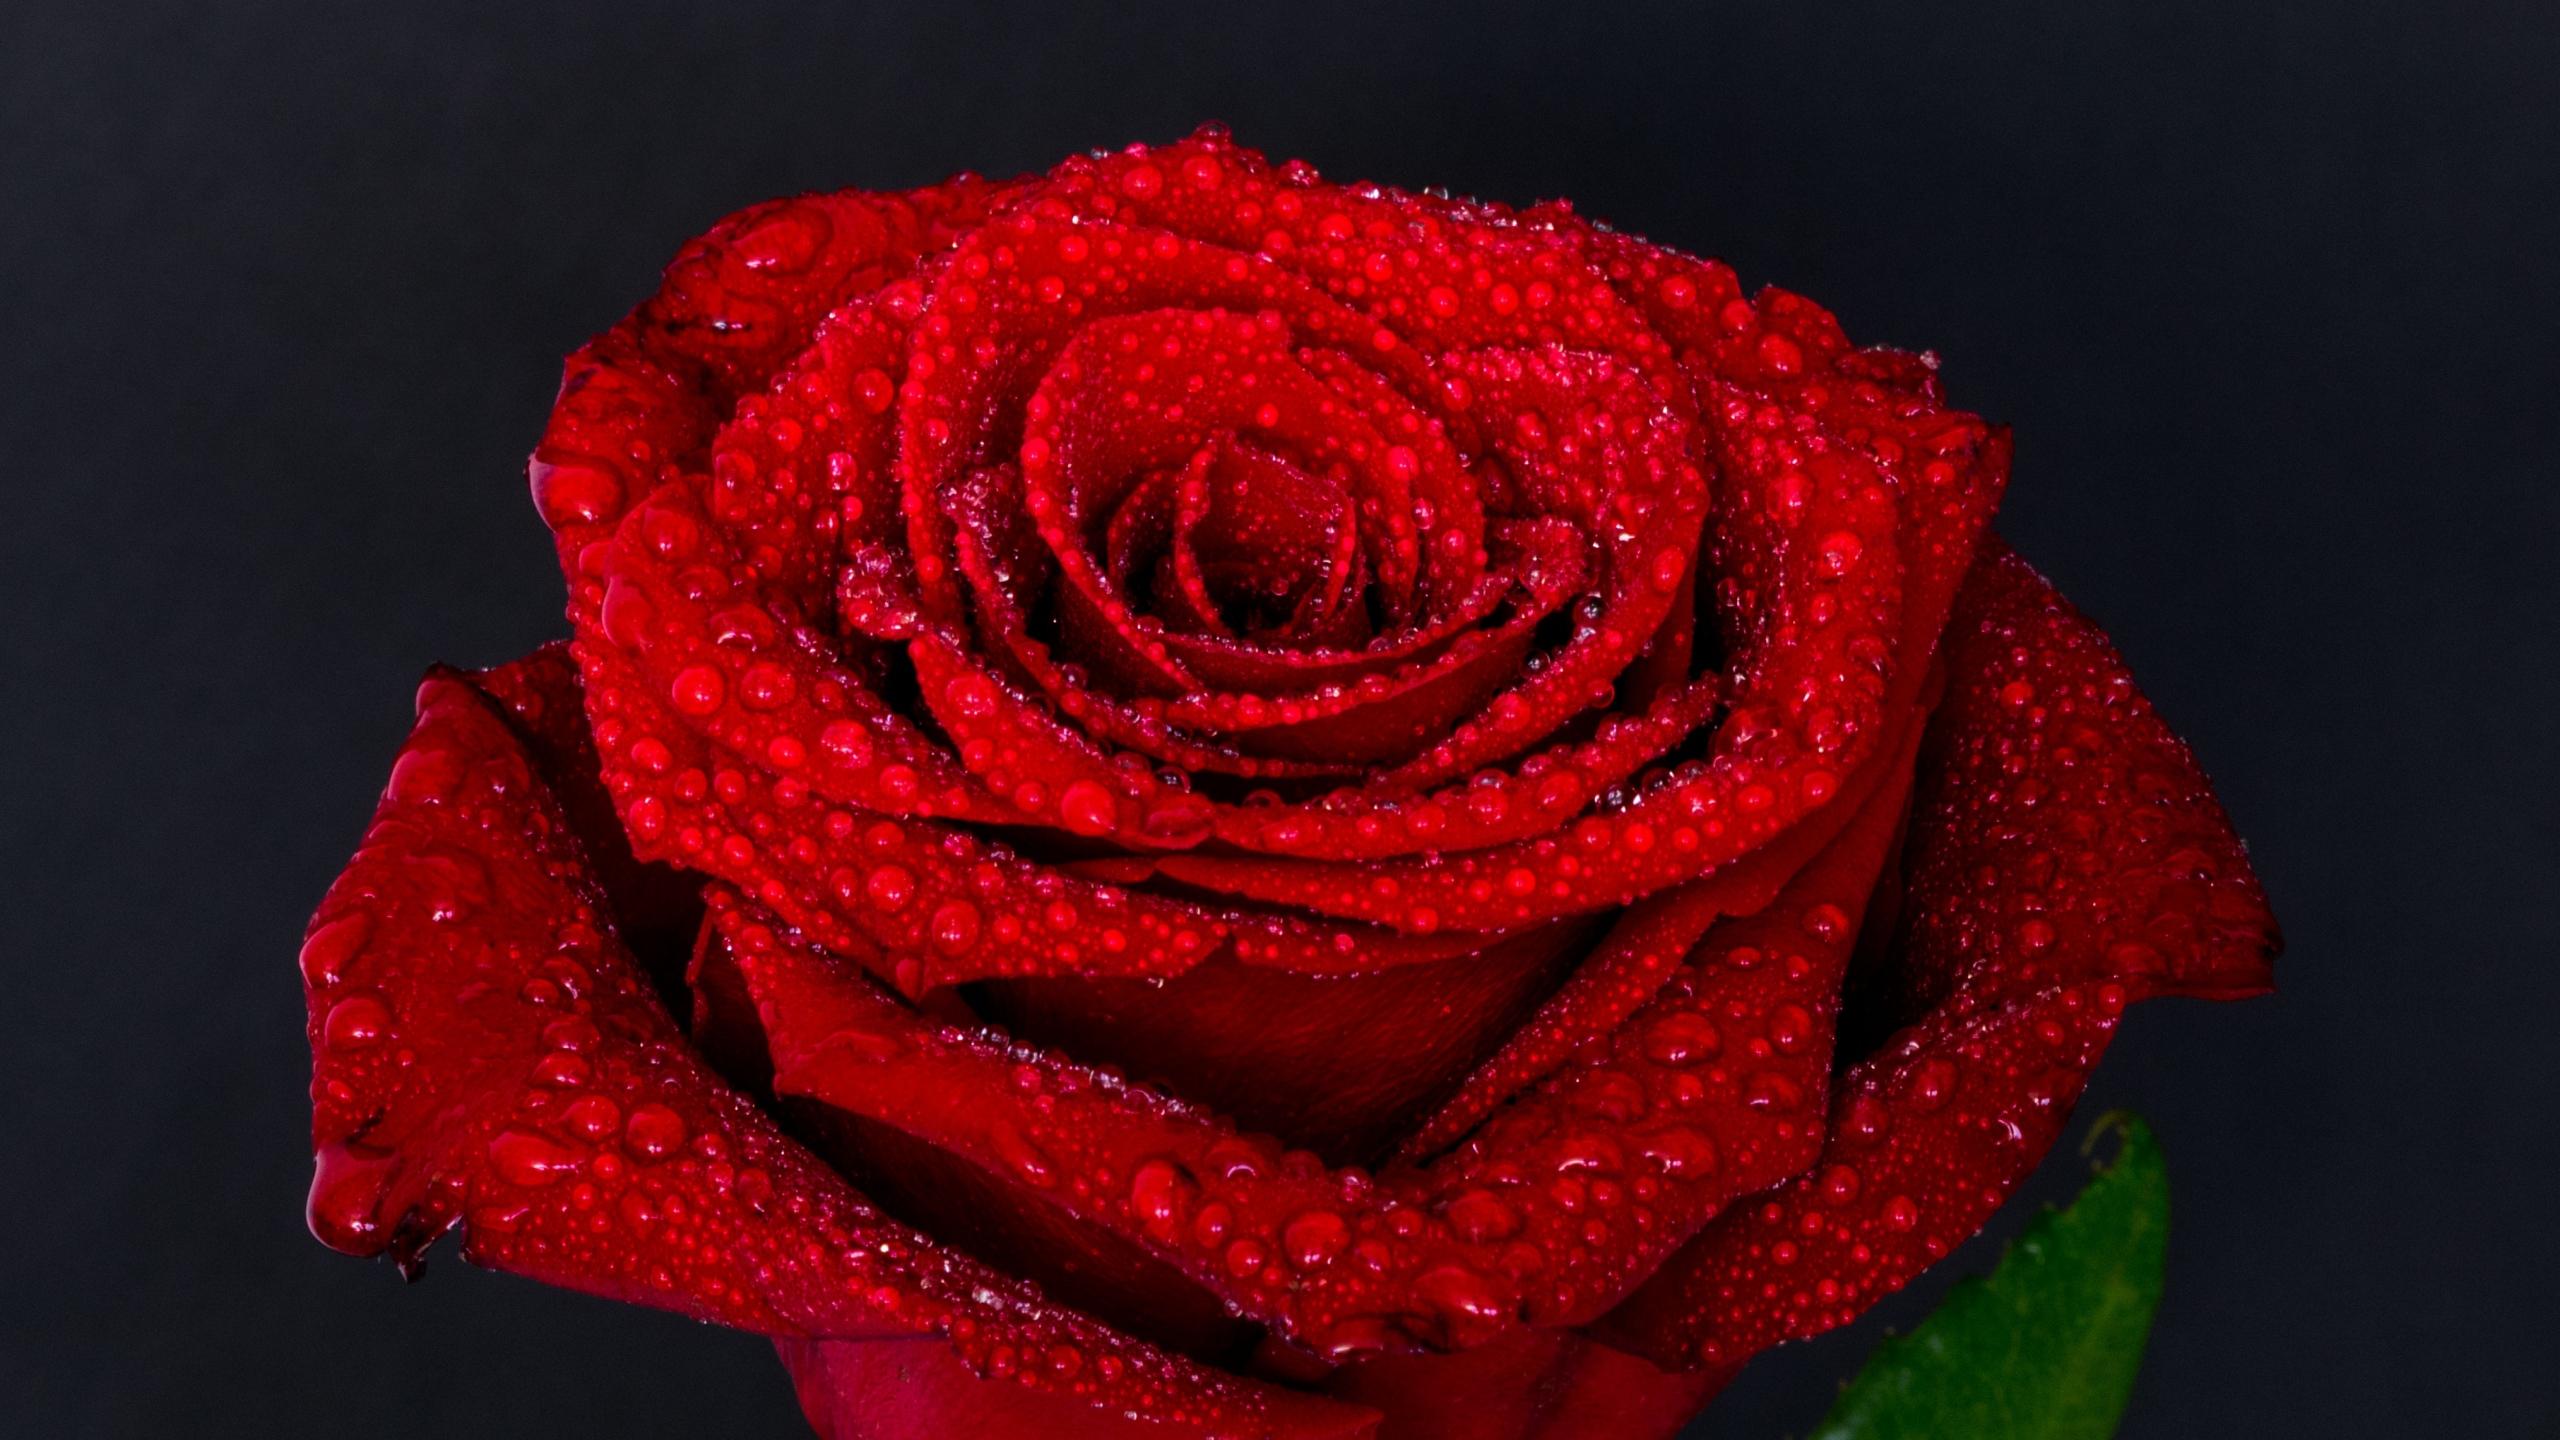 Красная роза на черном фоне, обои цветов на рабочий стол вертикальные, 2560 на 1440 пикселей